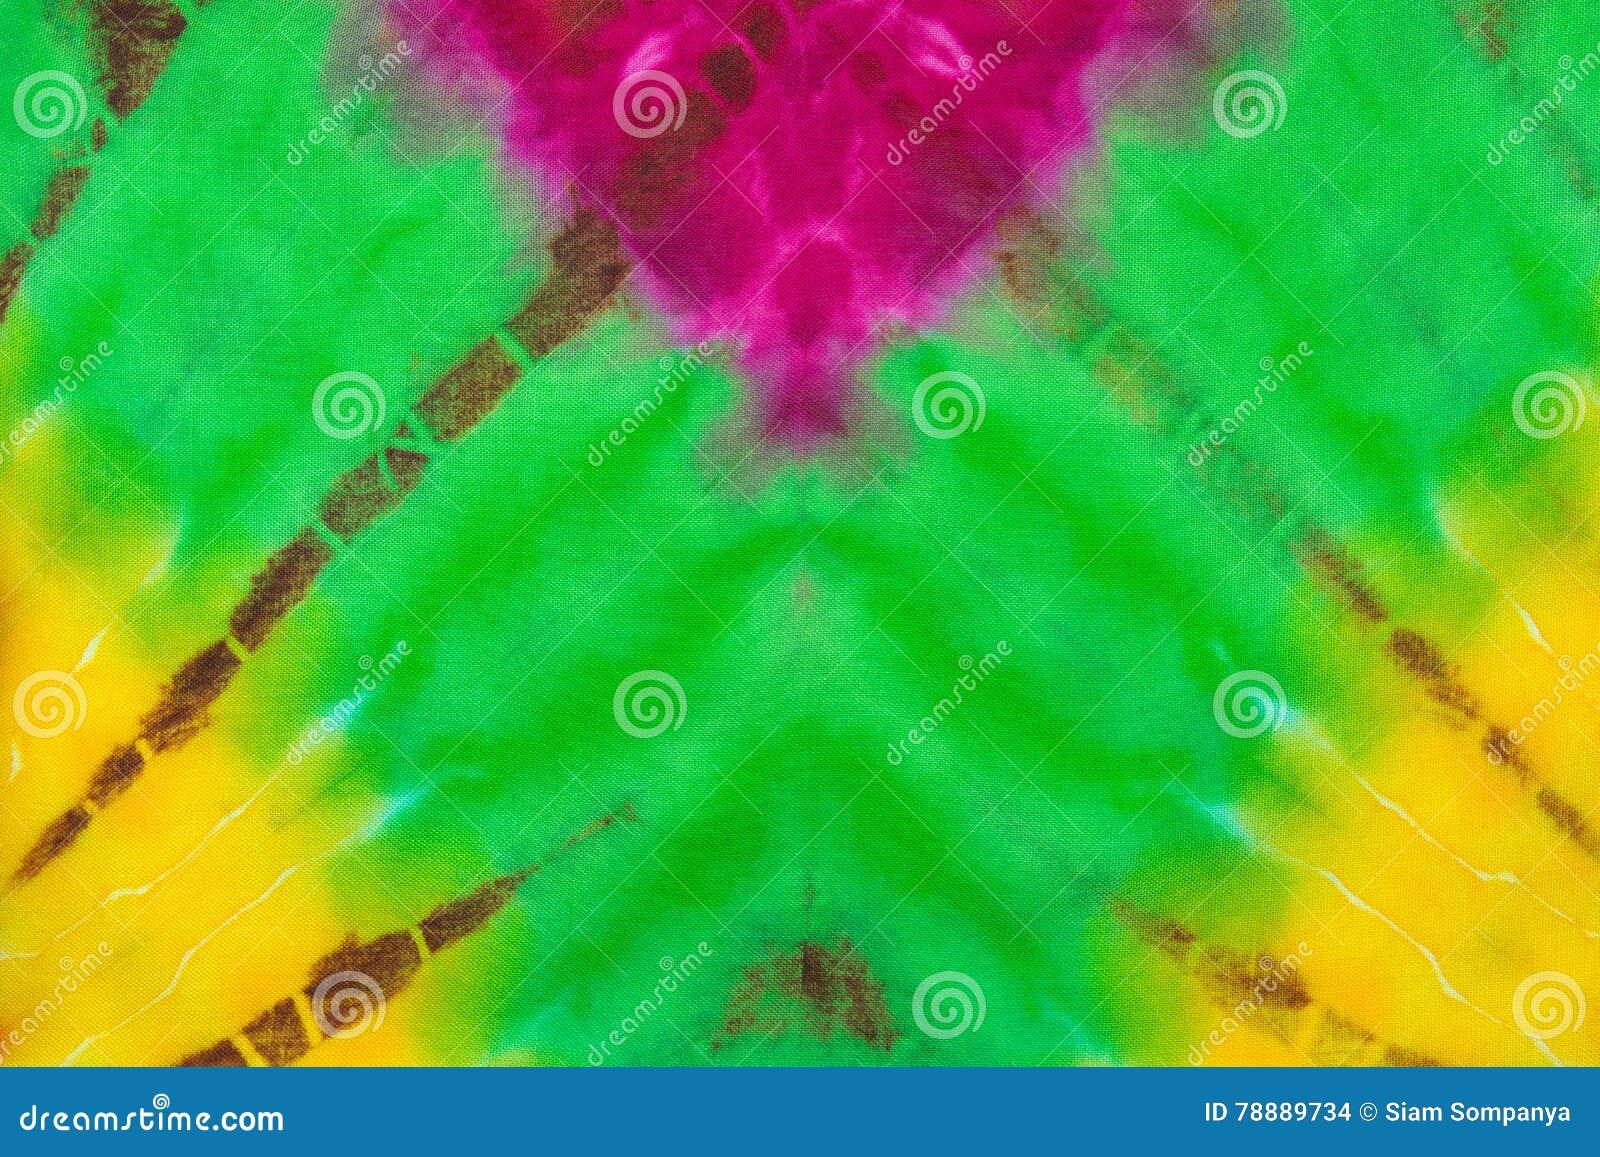 Gewebe-Bindungs-Färbungs-Farbbeschaffenheits-Hintergrund